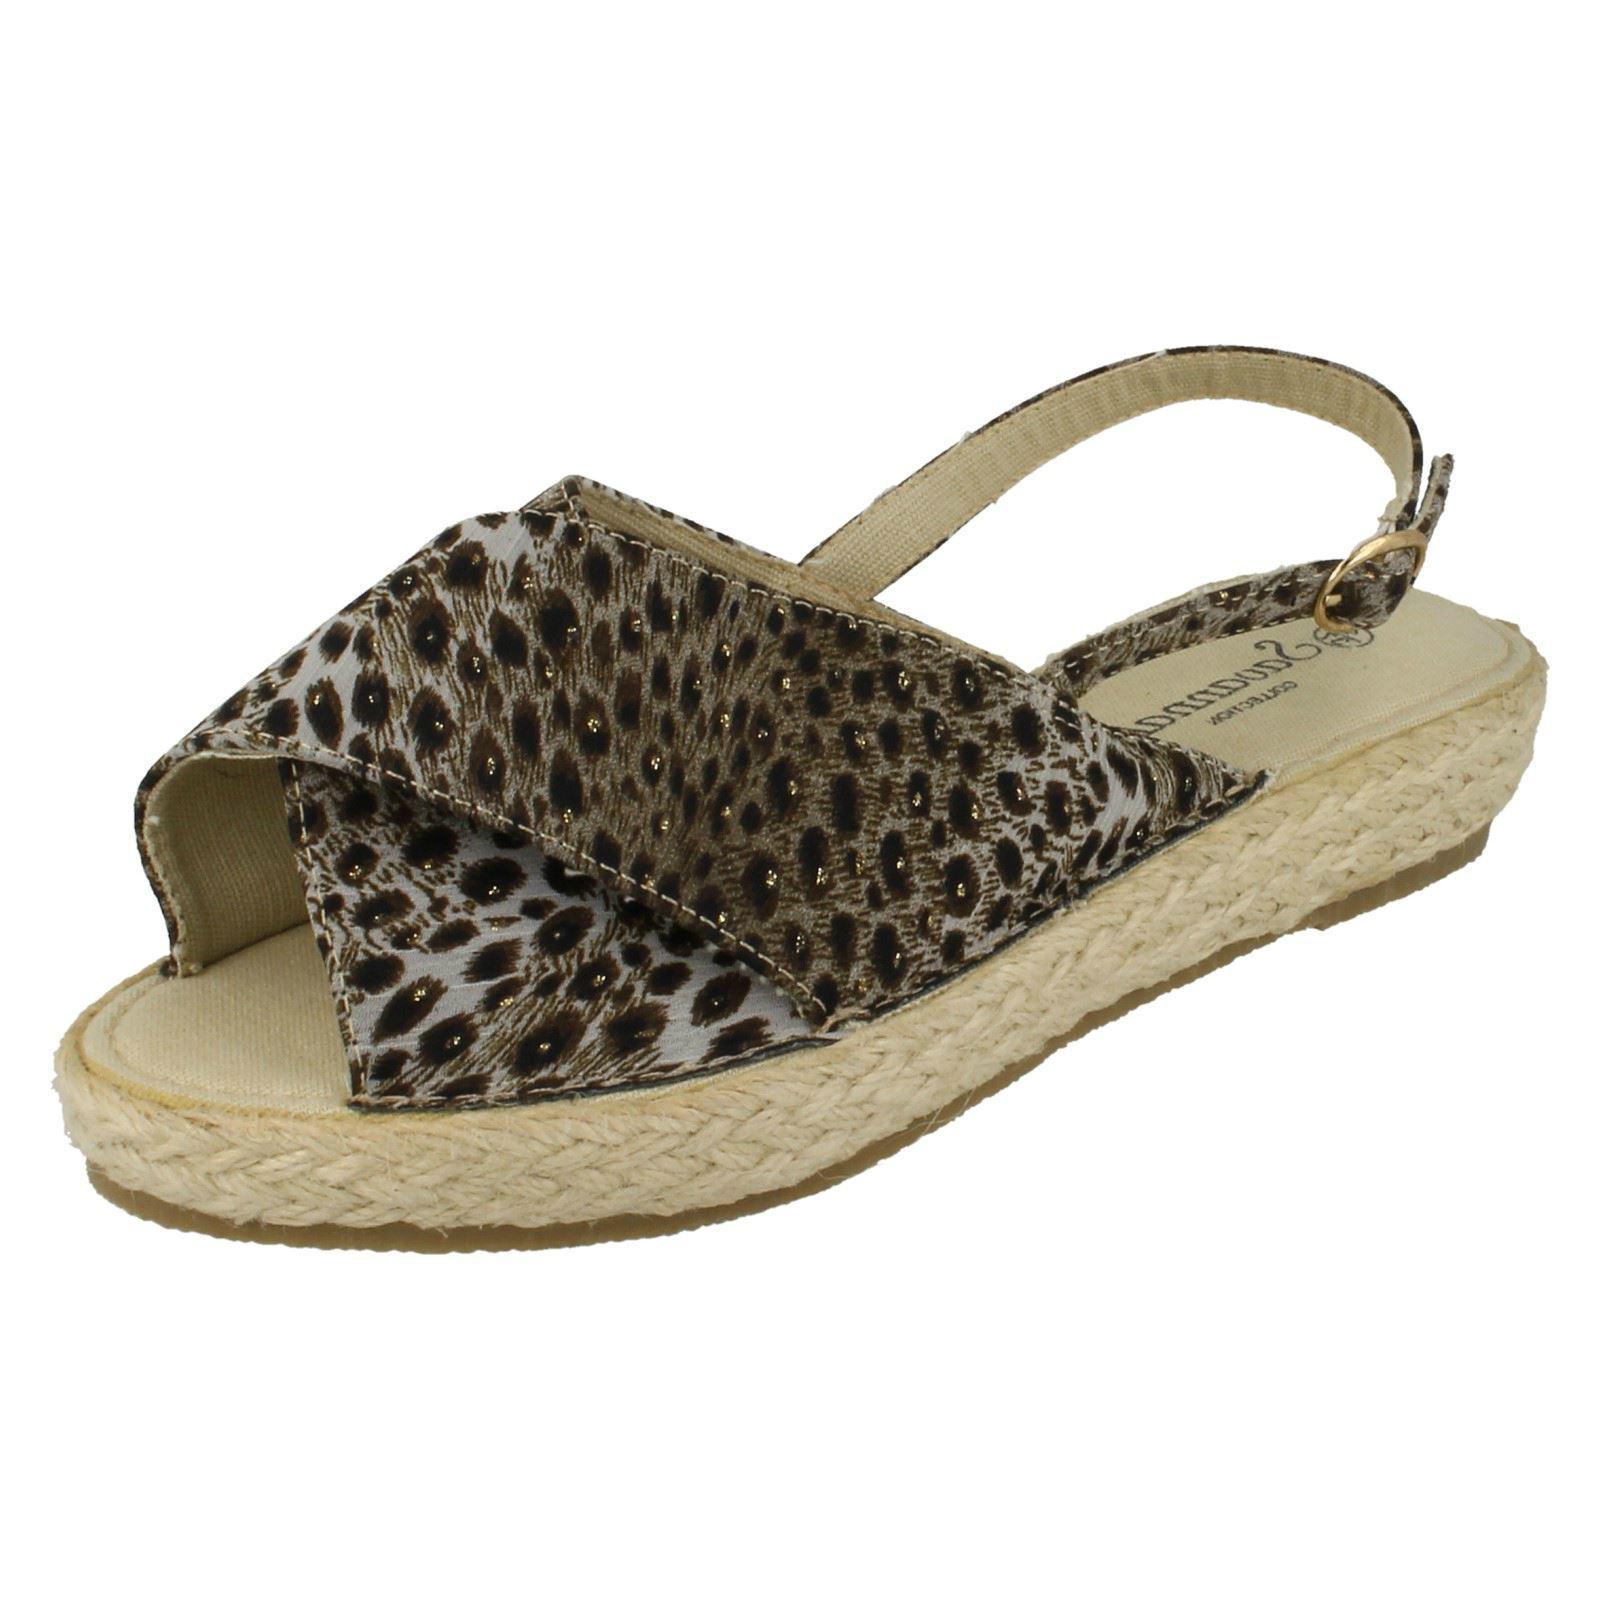 Savannah f2246 mujer cuña NATURAL/Estampado Leopardo Sandalias de cuña mujer (r34b)( Kett ) 19b361